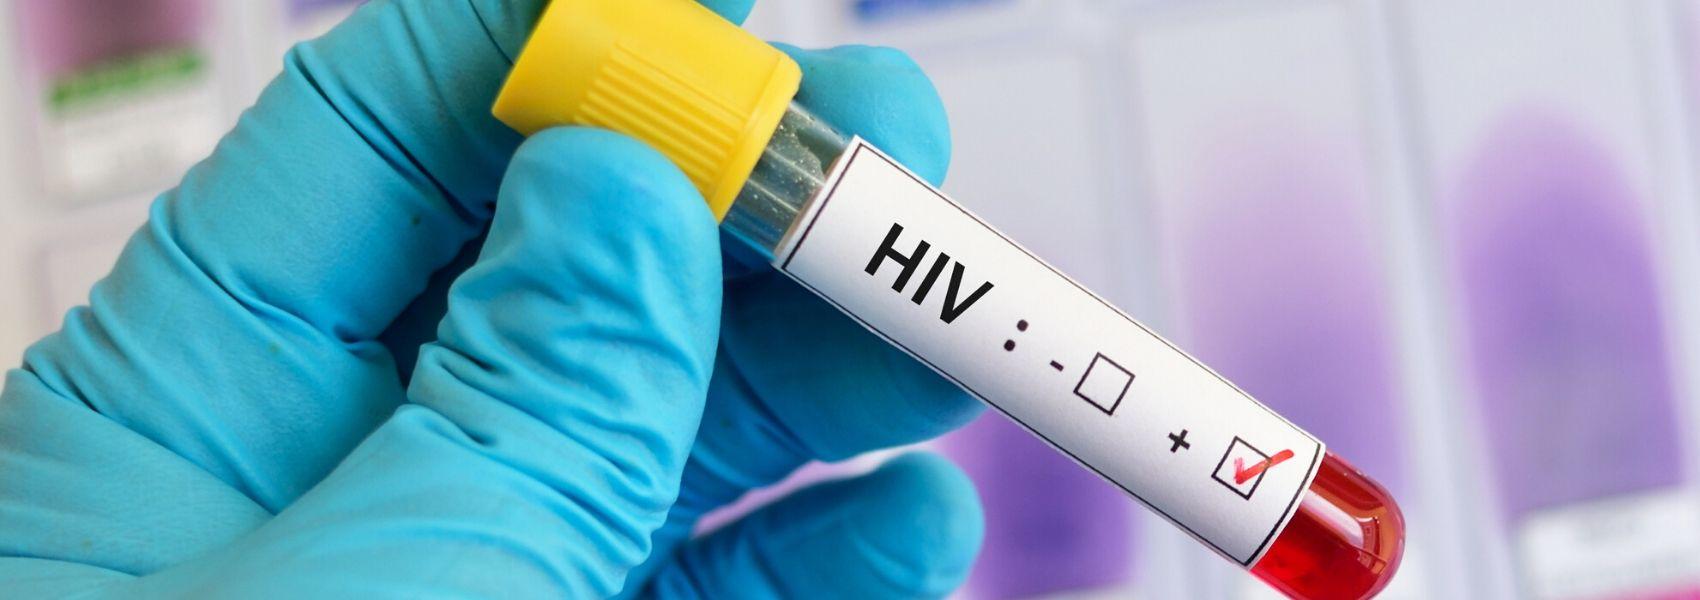 Rastreios do VIH e hepatites em todo o País